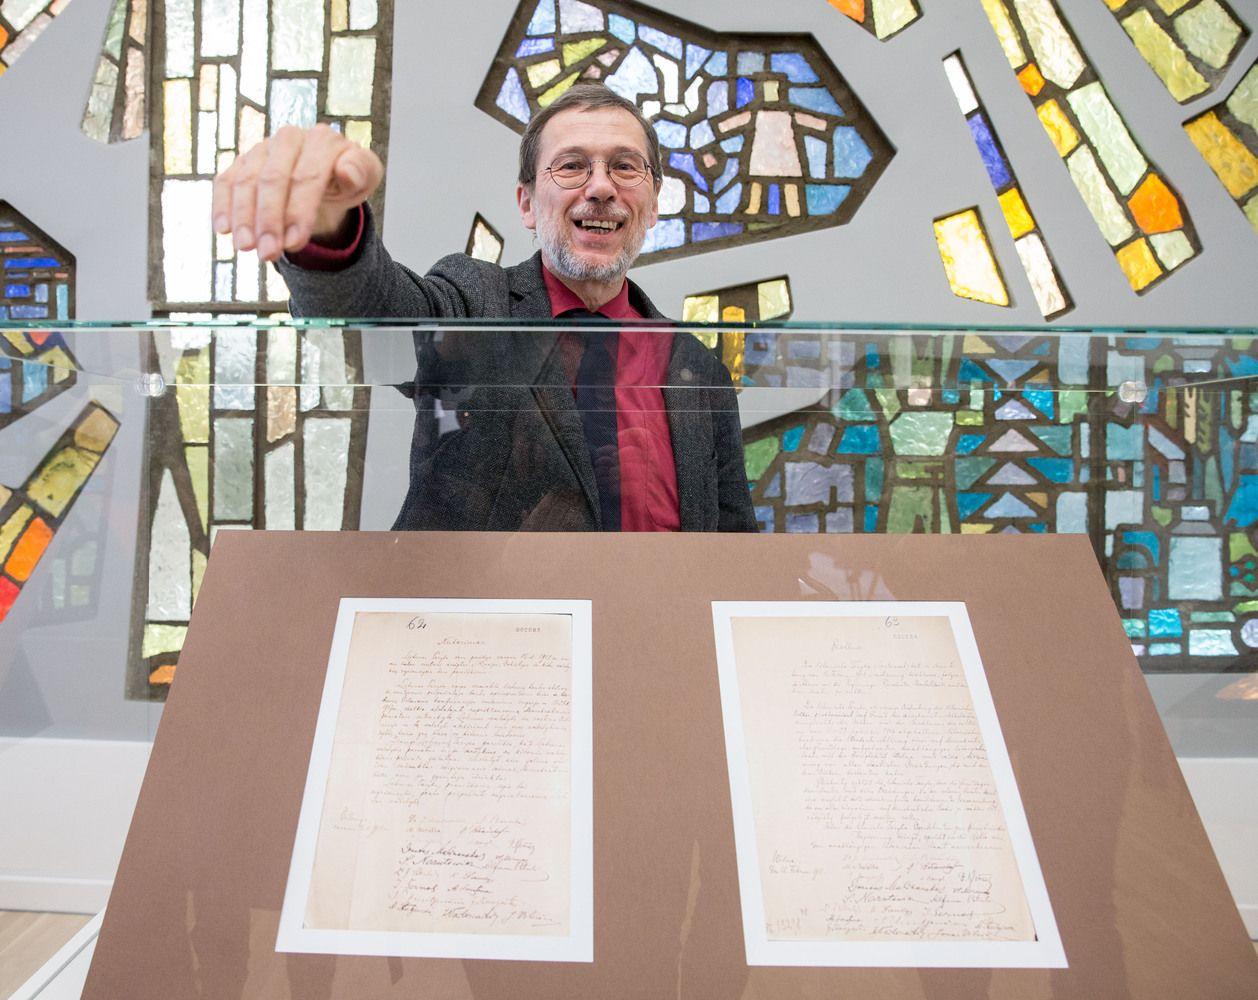 Vasario 16-osios aktas bus eksponuojamas Signatarų namuose